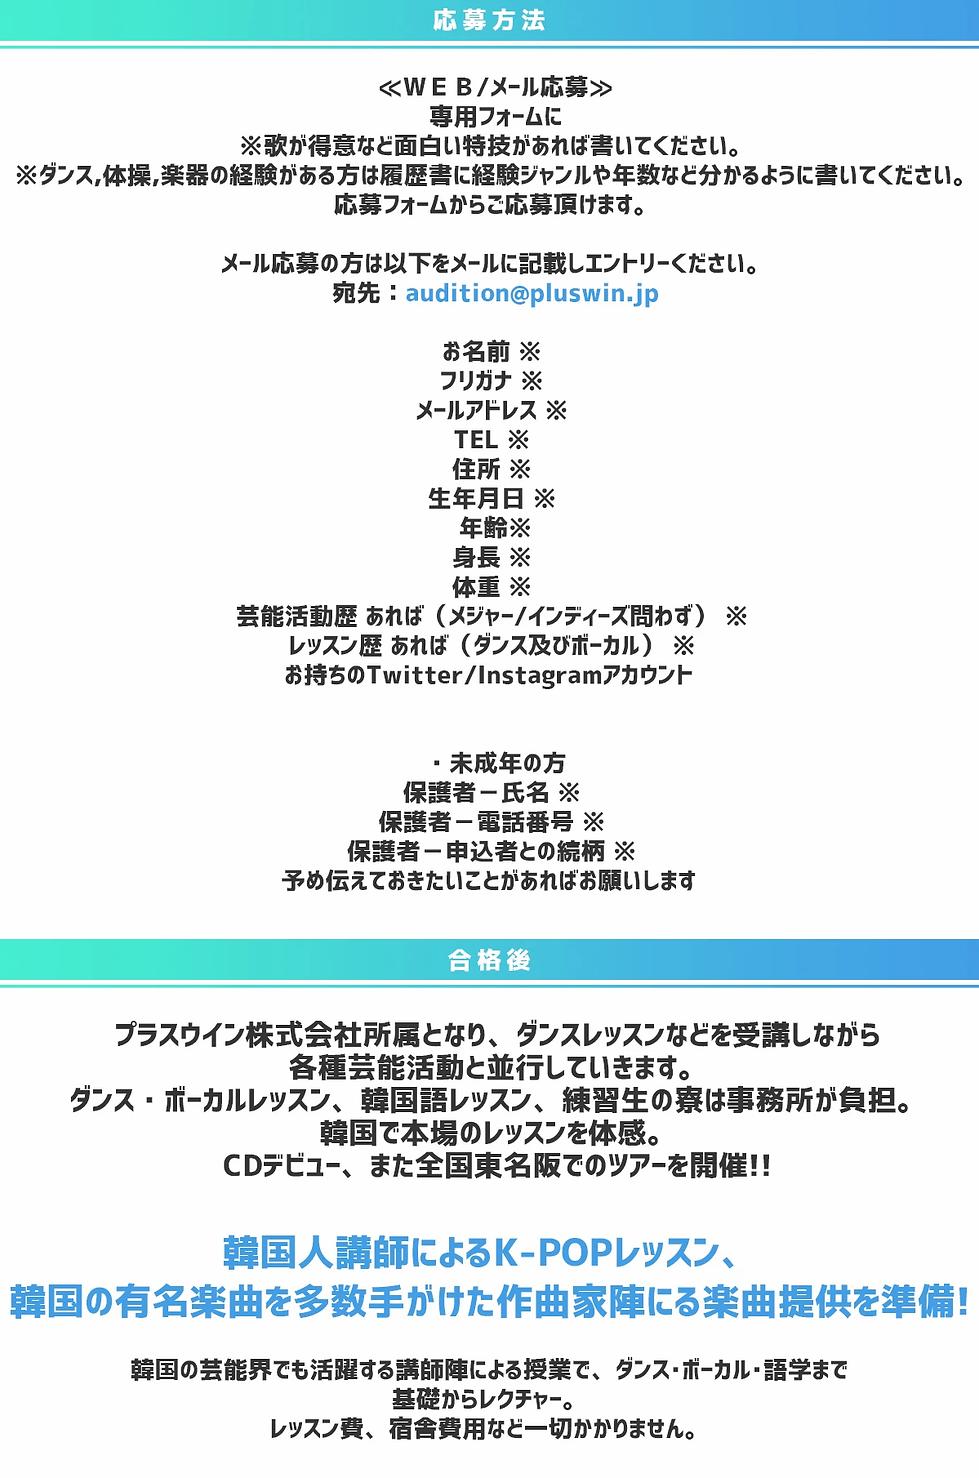 2기남자오디션04.webp